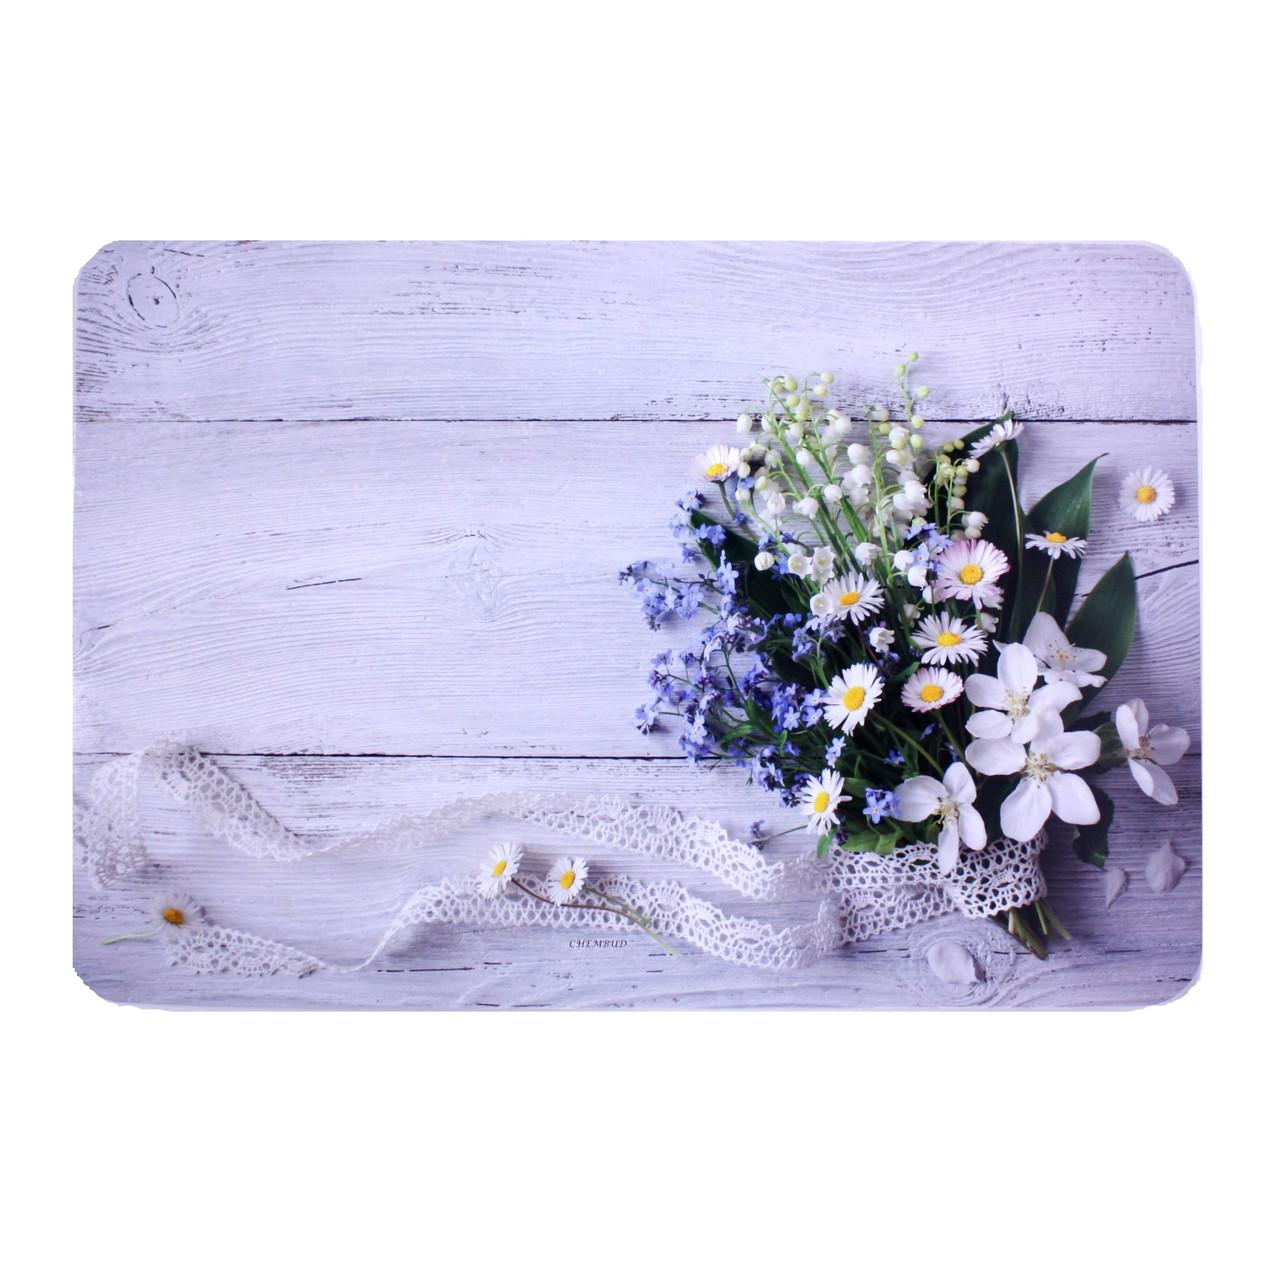 Подставка на стол, 40х27 см, разноцветный, полевые цветы